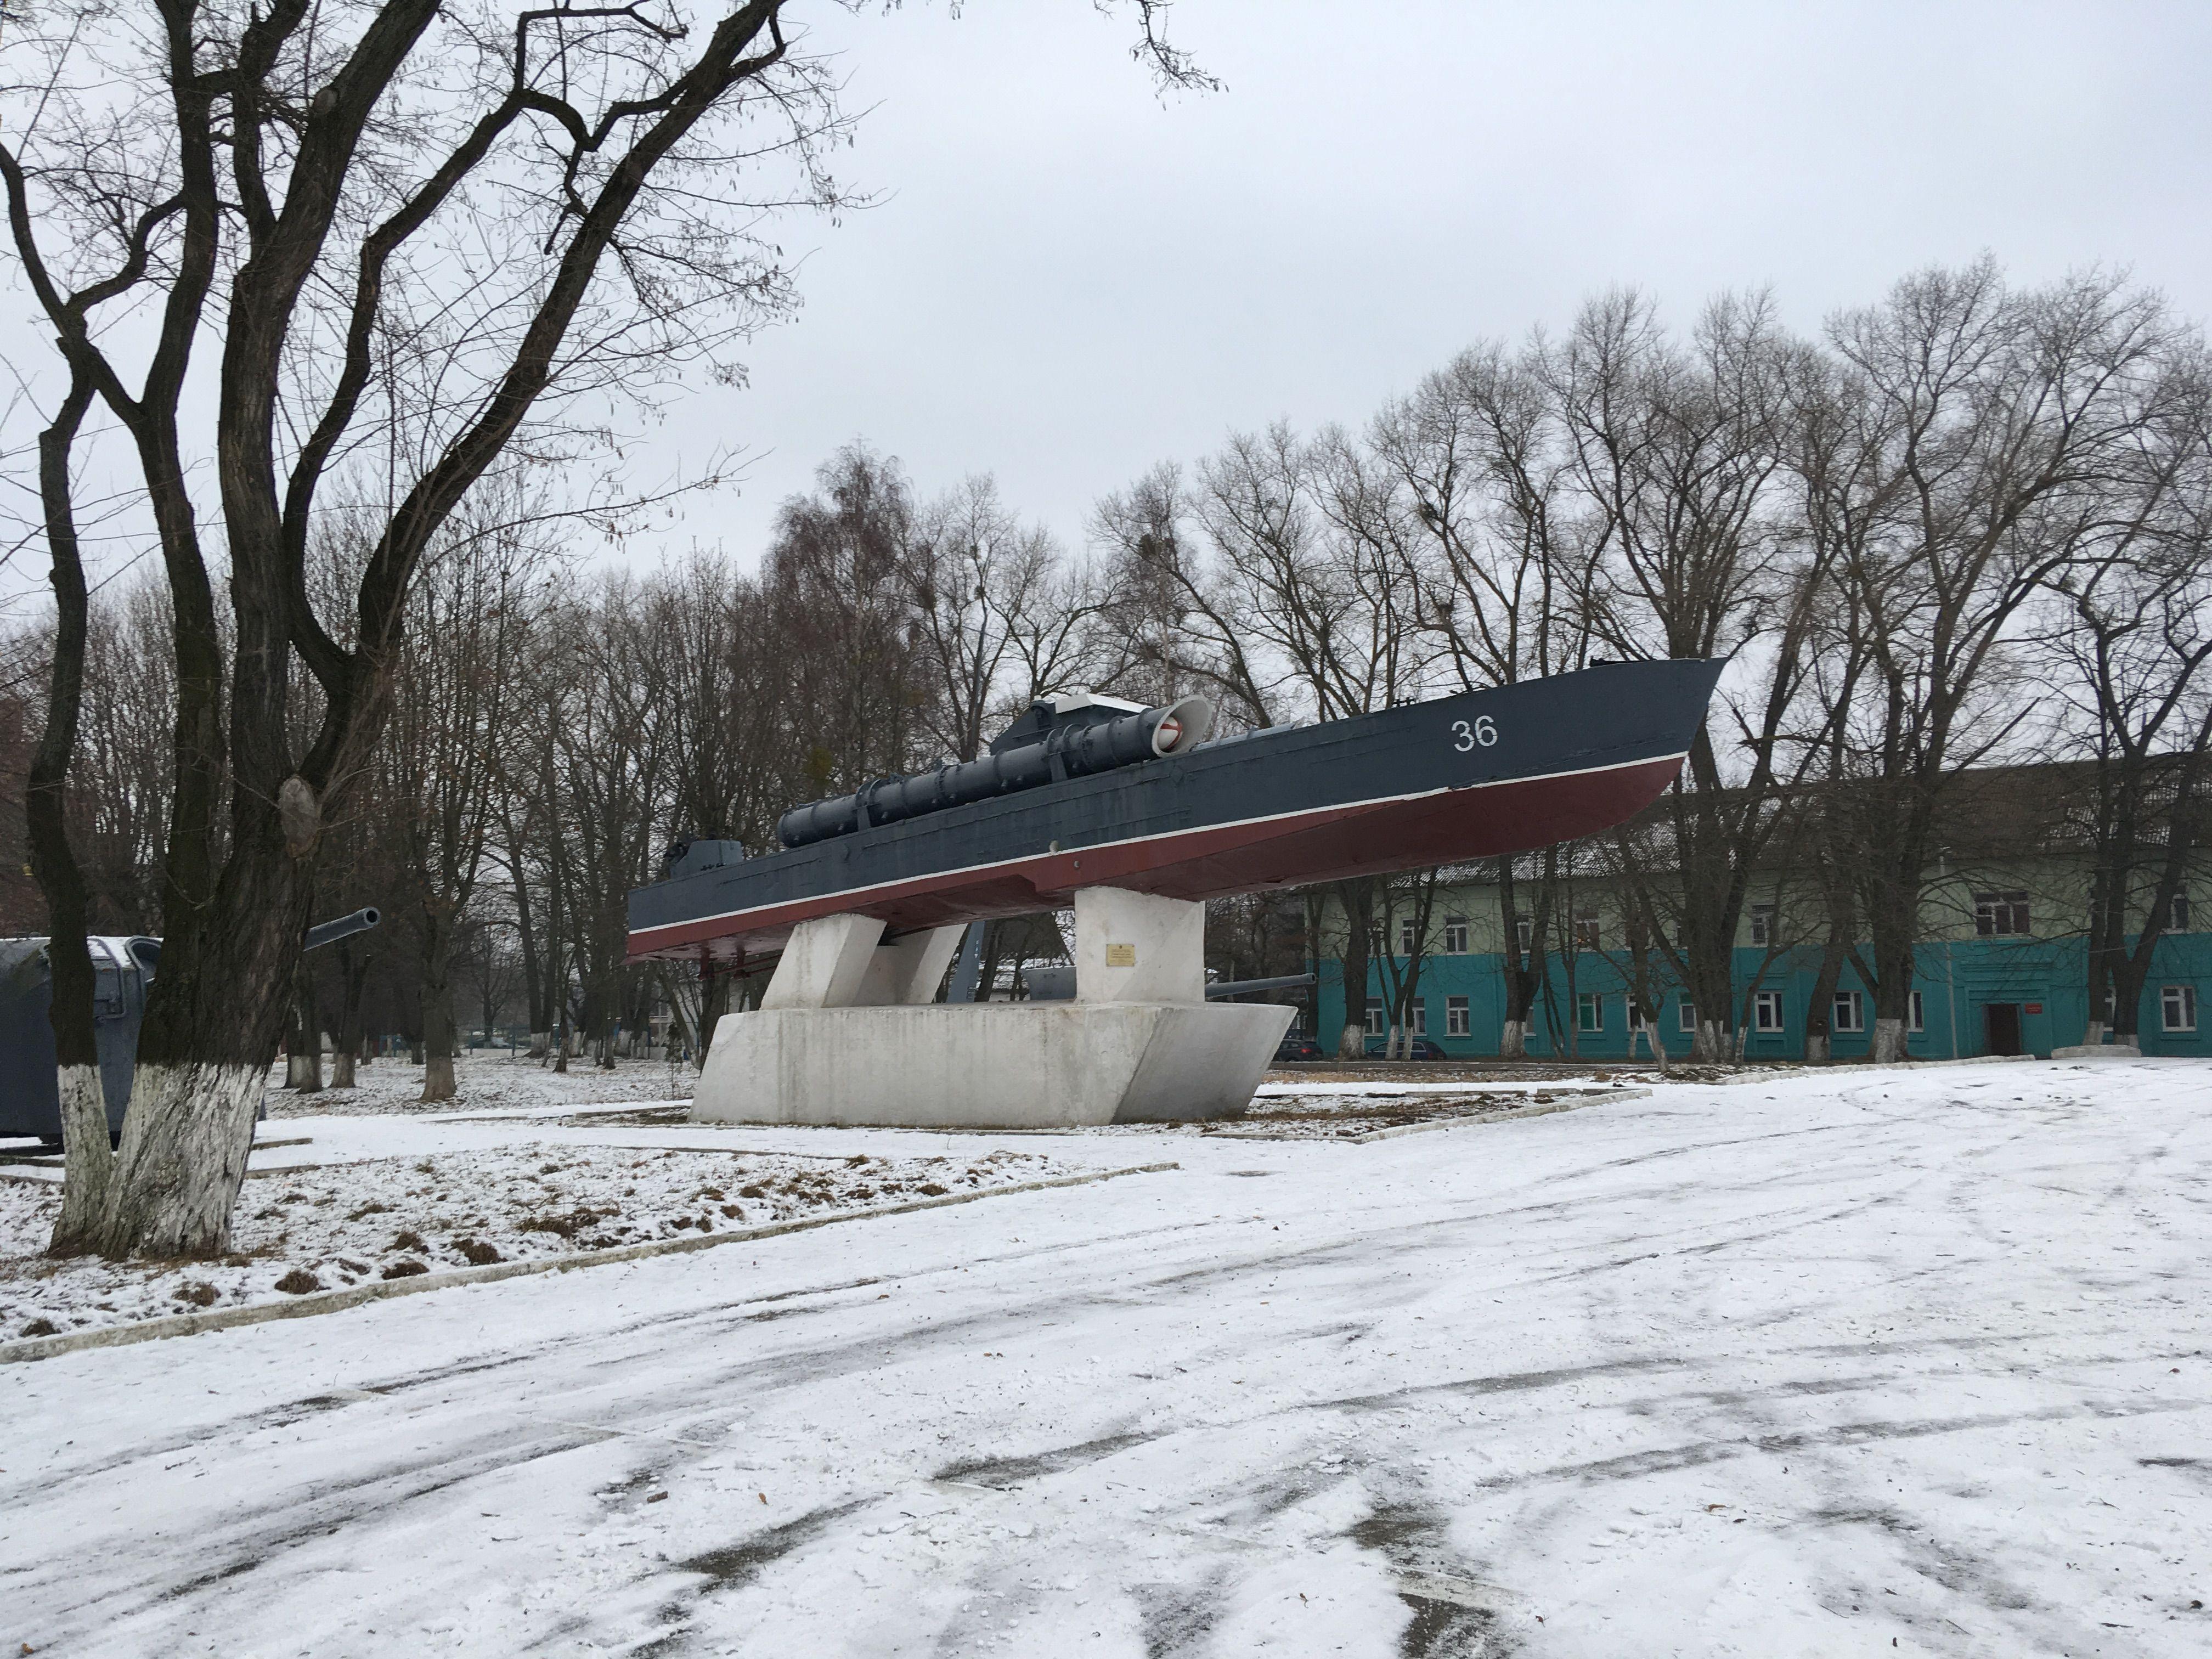 Катер на площади Балтийской славы. Фото: Vladimir Shveda